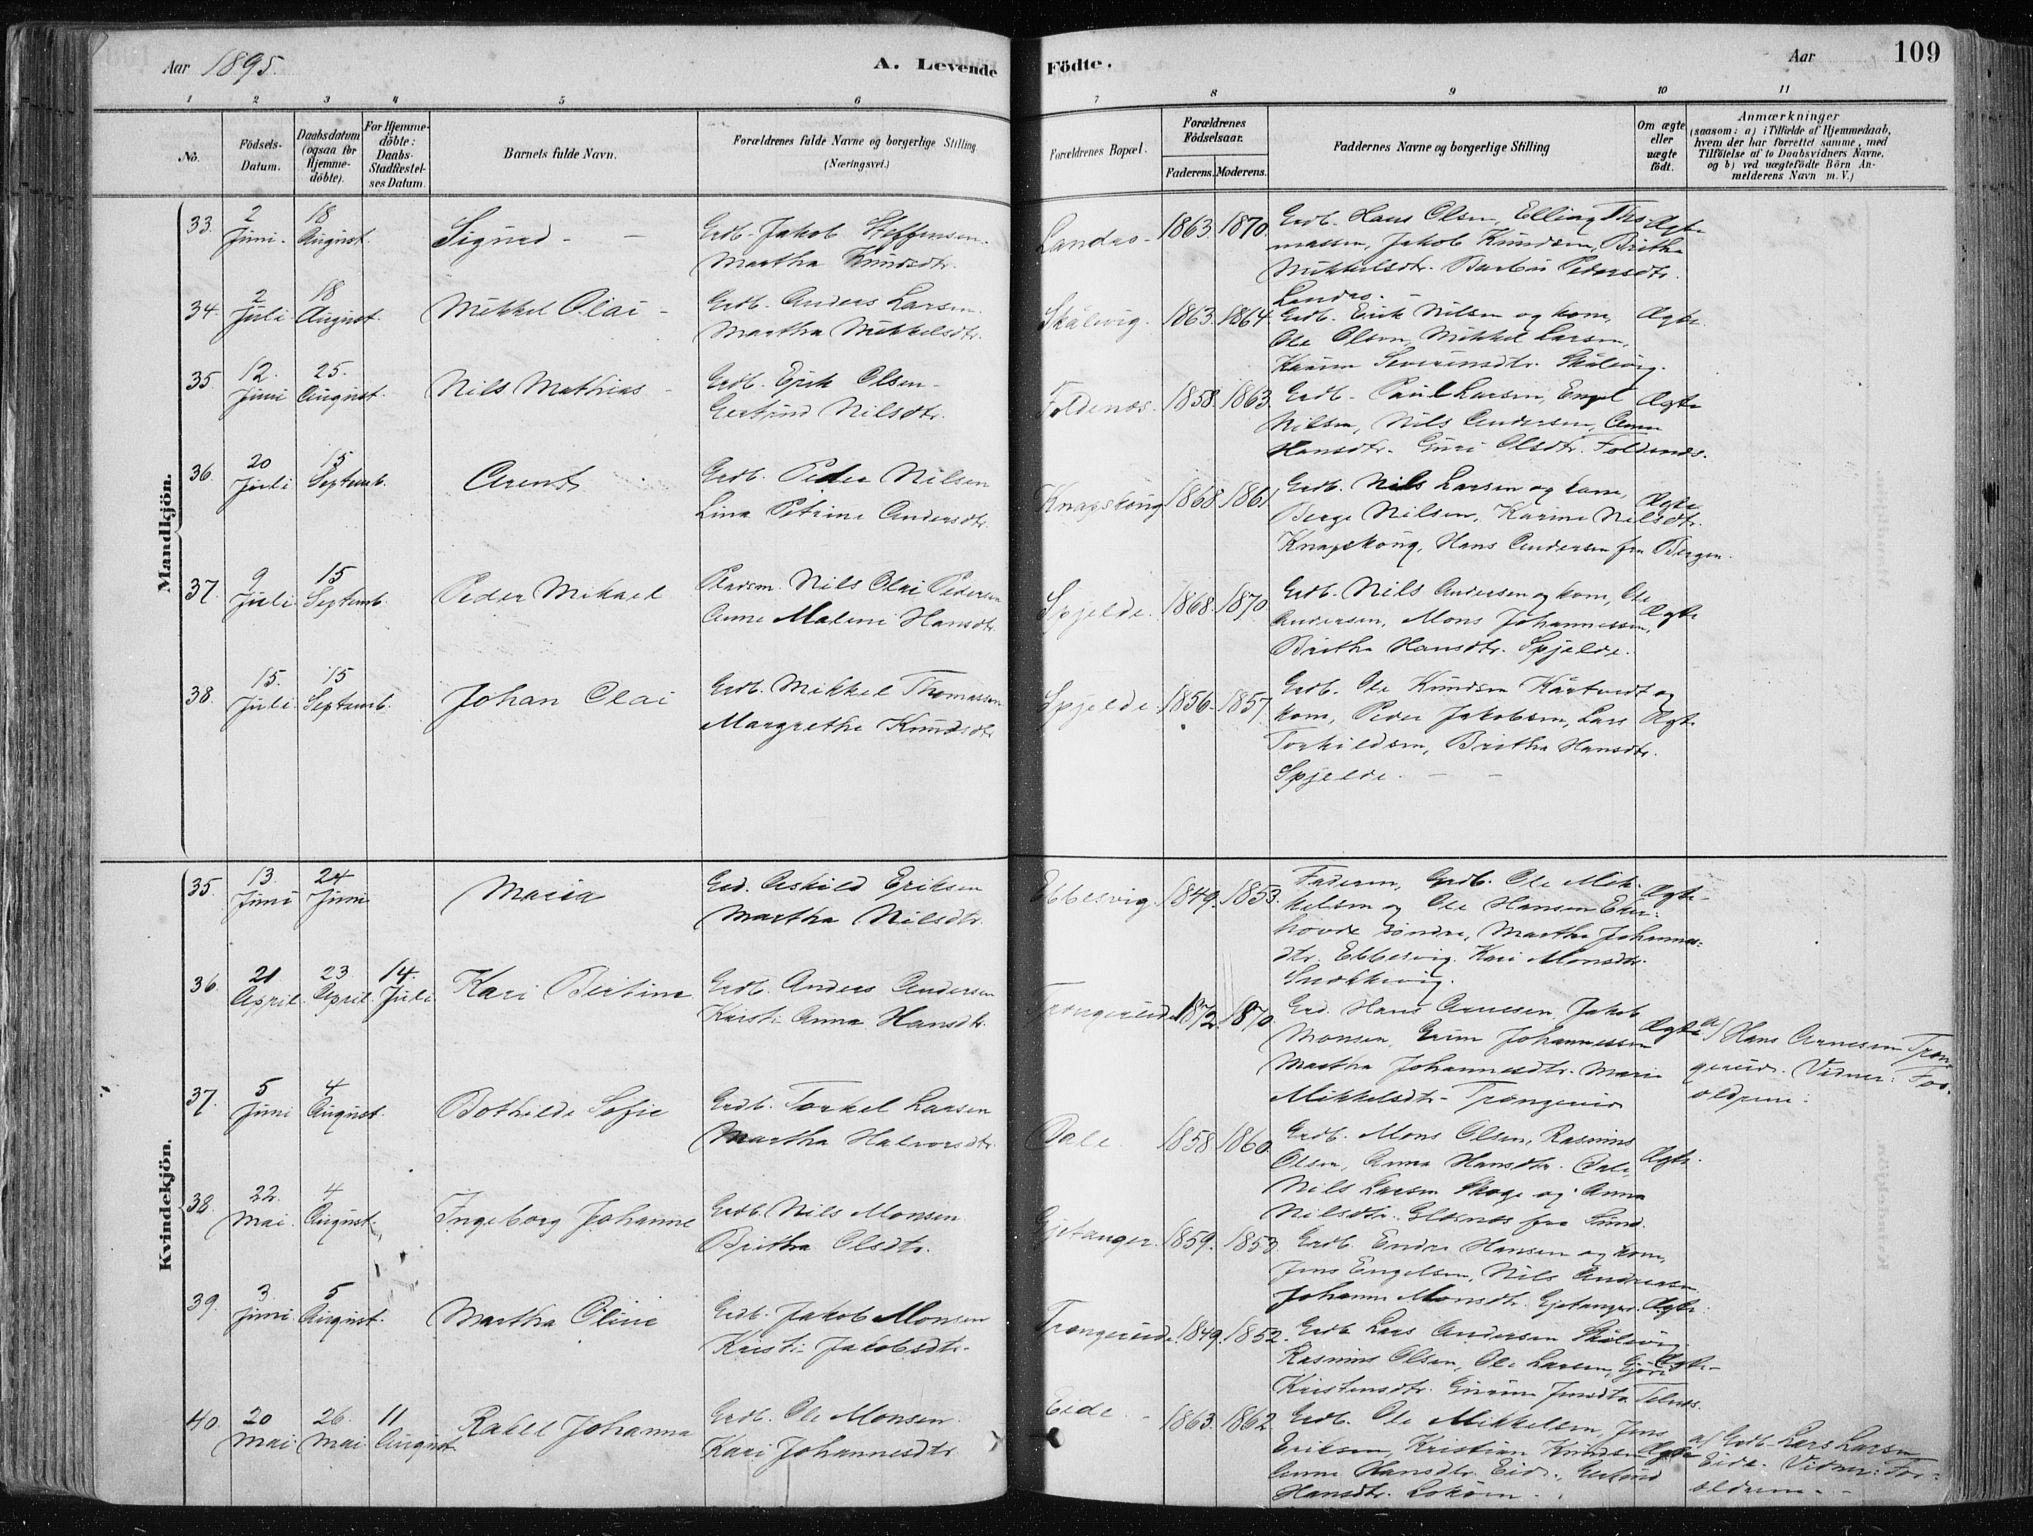 SAB, Fjell Sokneprestembete, H/Haa: Ministerialbok nr. A  8, 1878-1898, s. 109